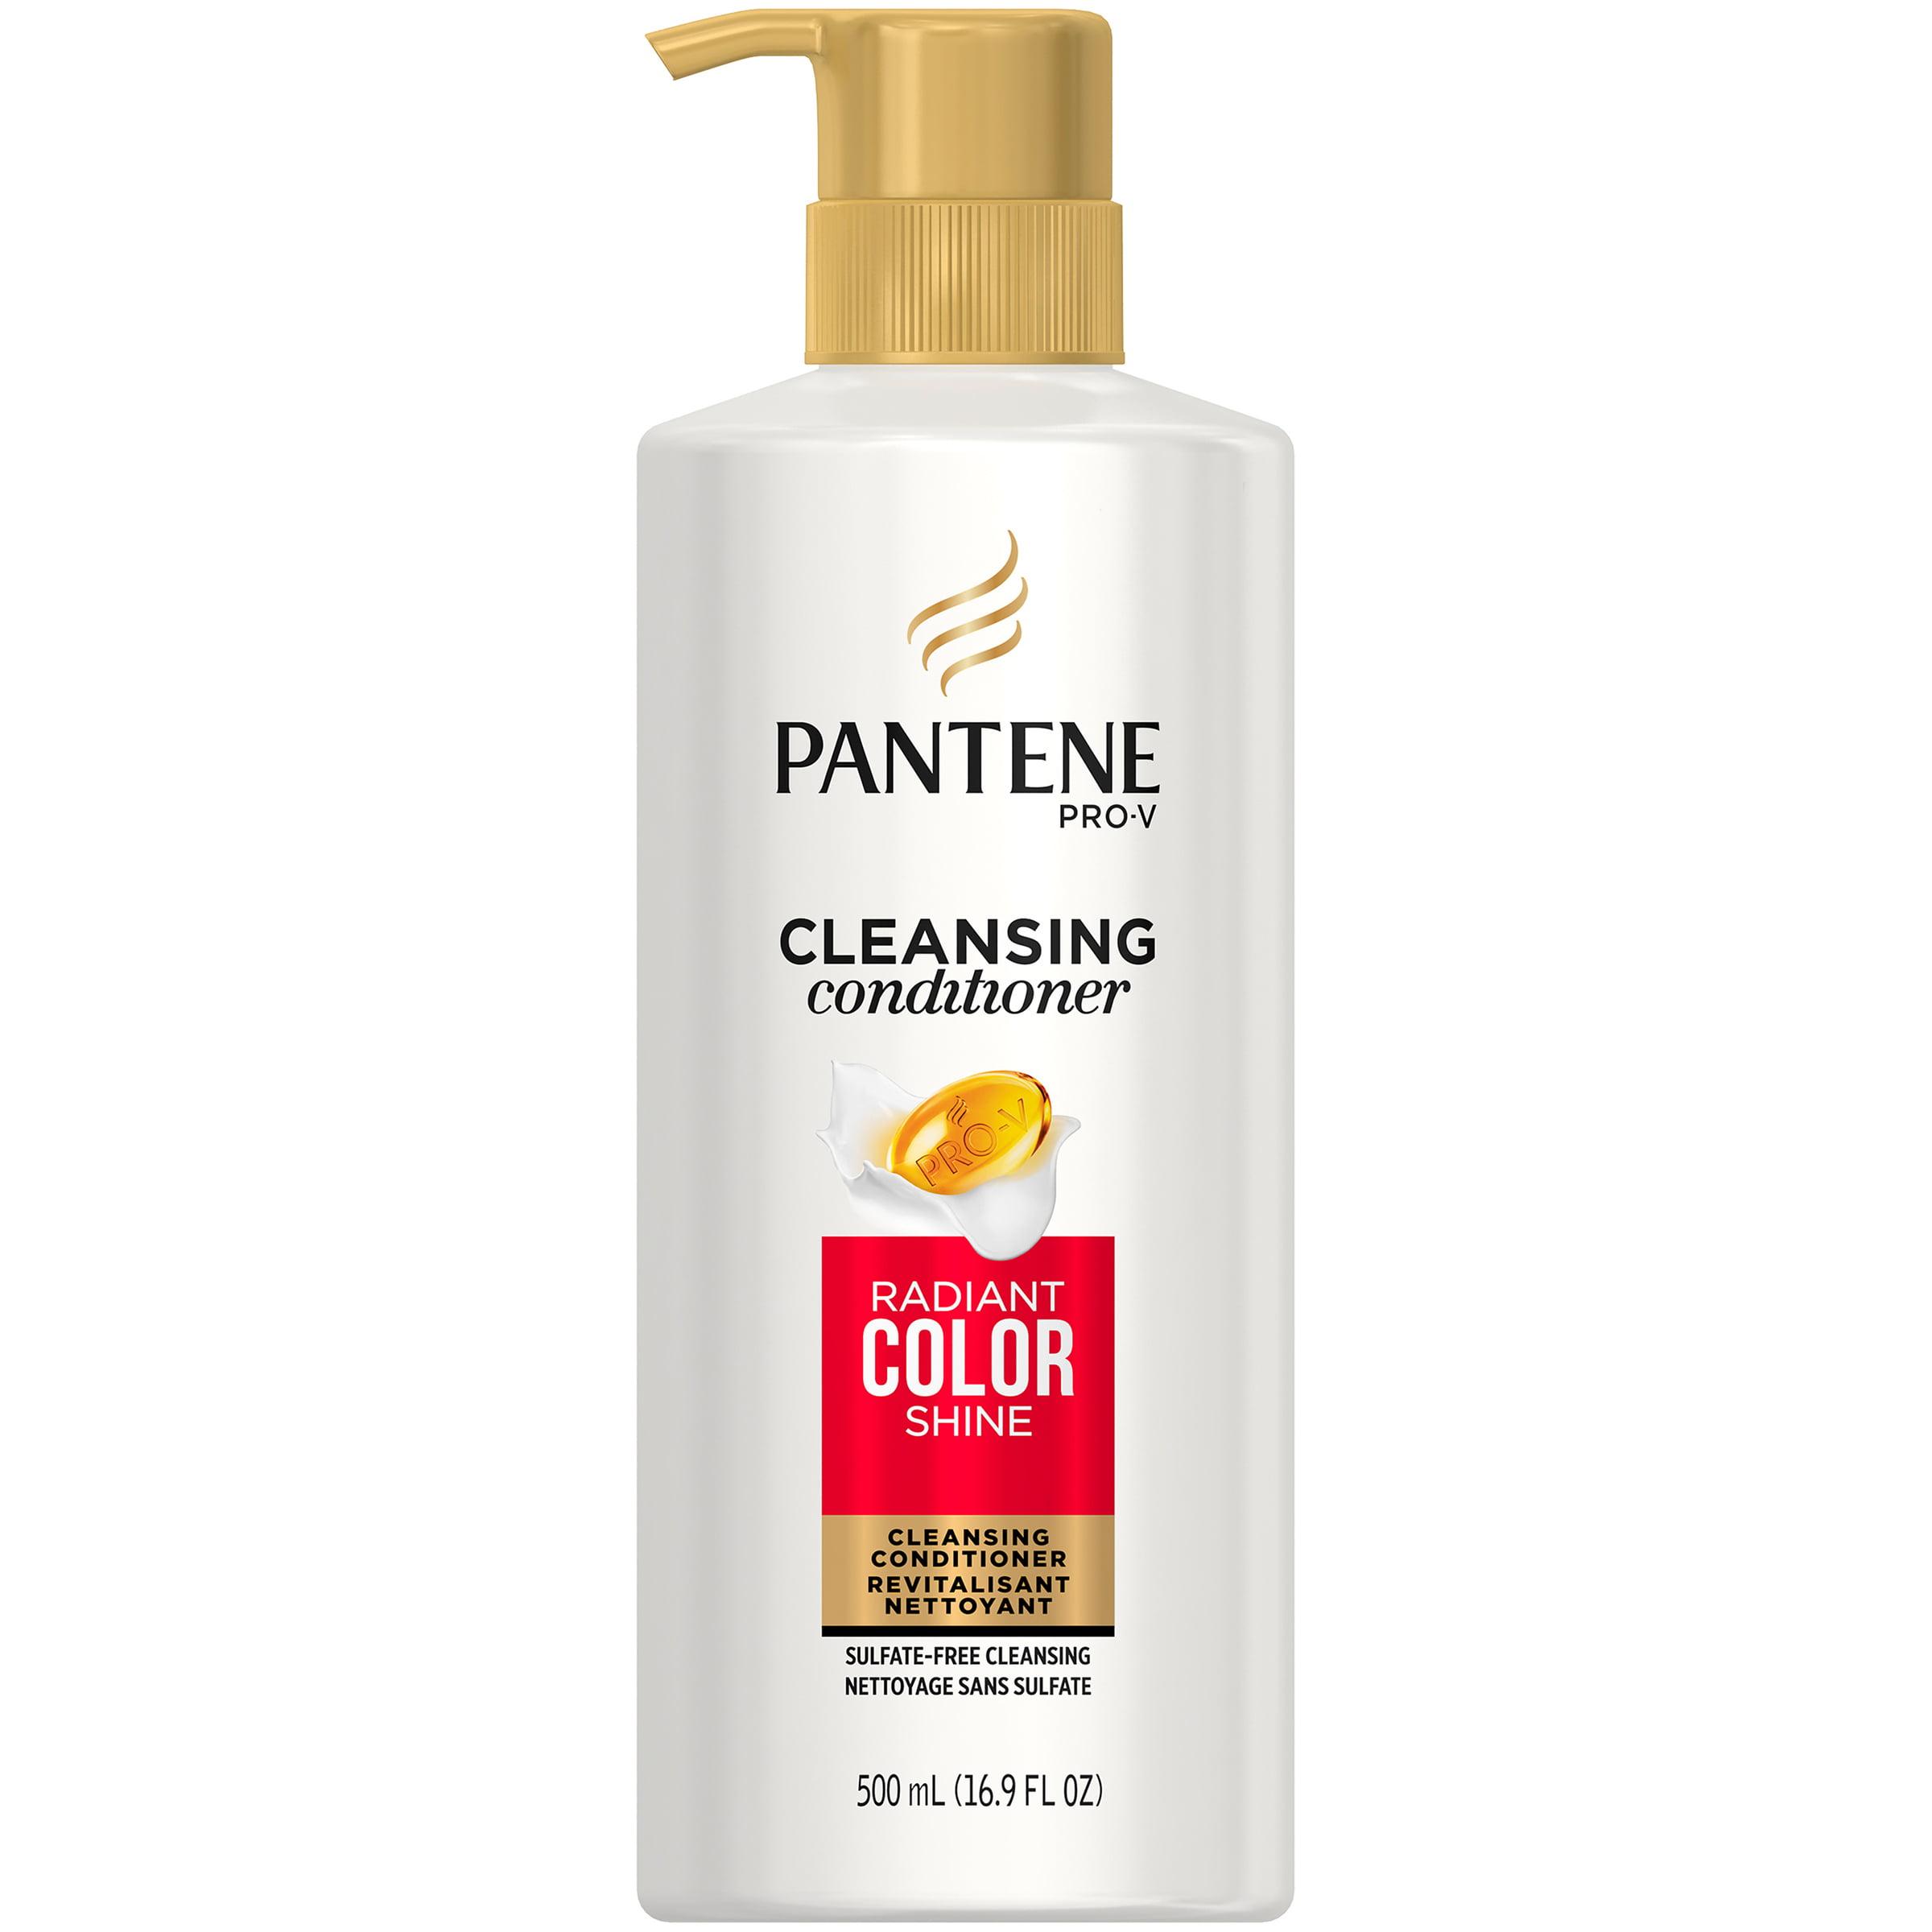 Pantene Pro-V Radiant Color Shine Cleansing Conditioner, 16.9 fl oz